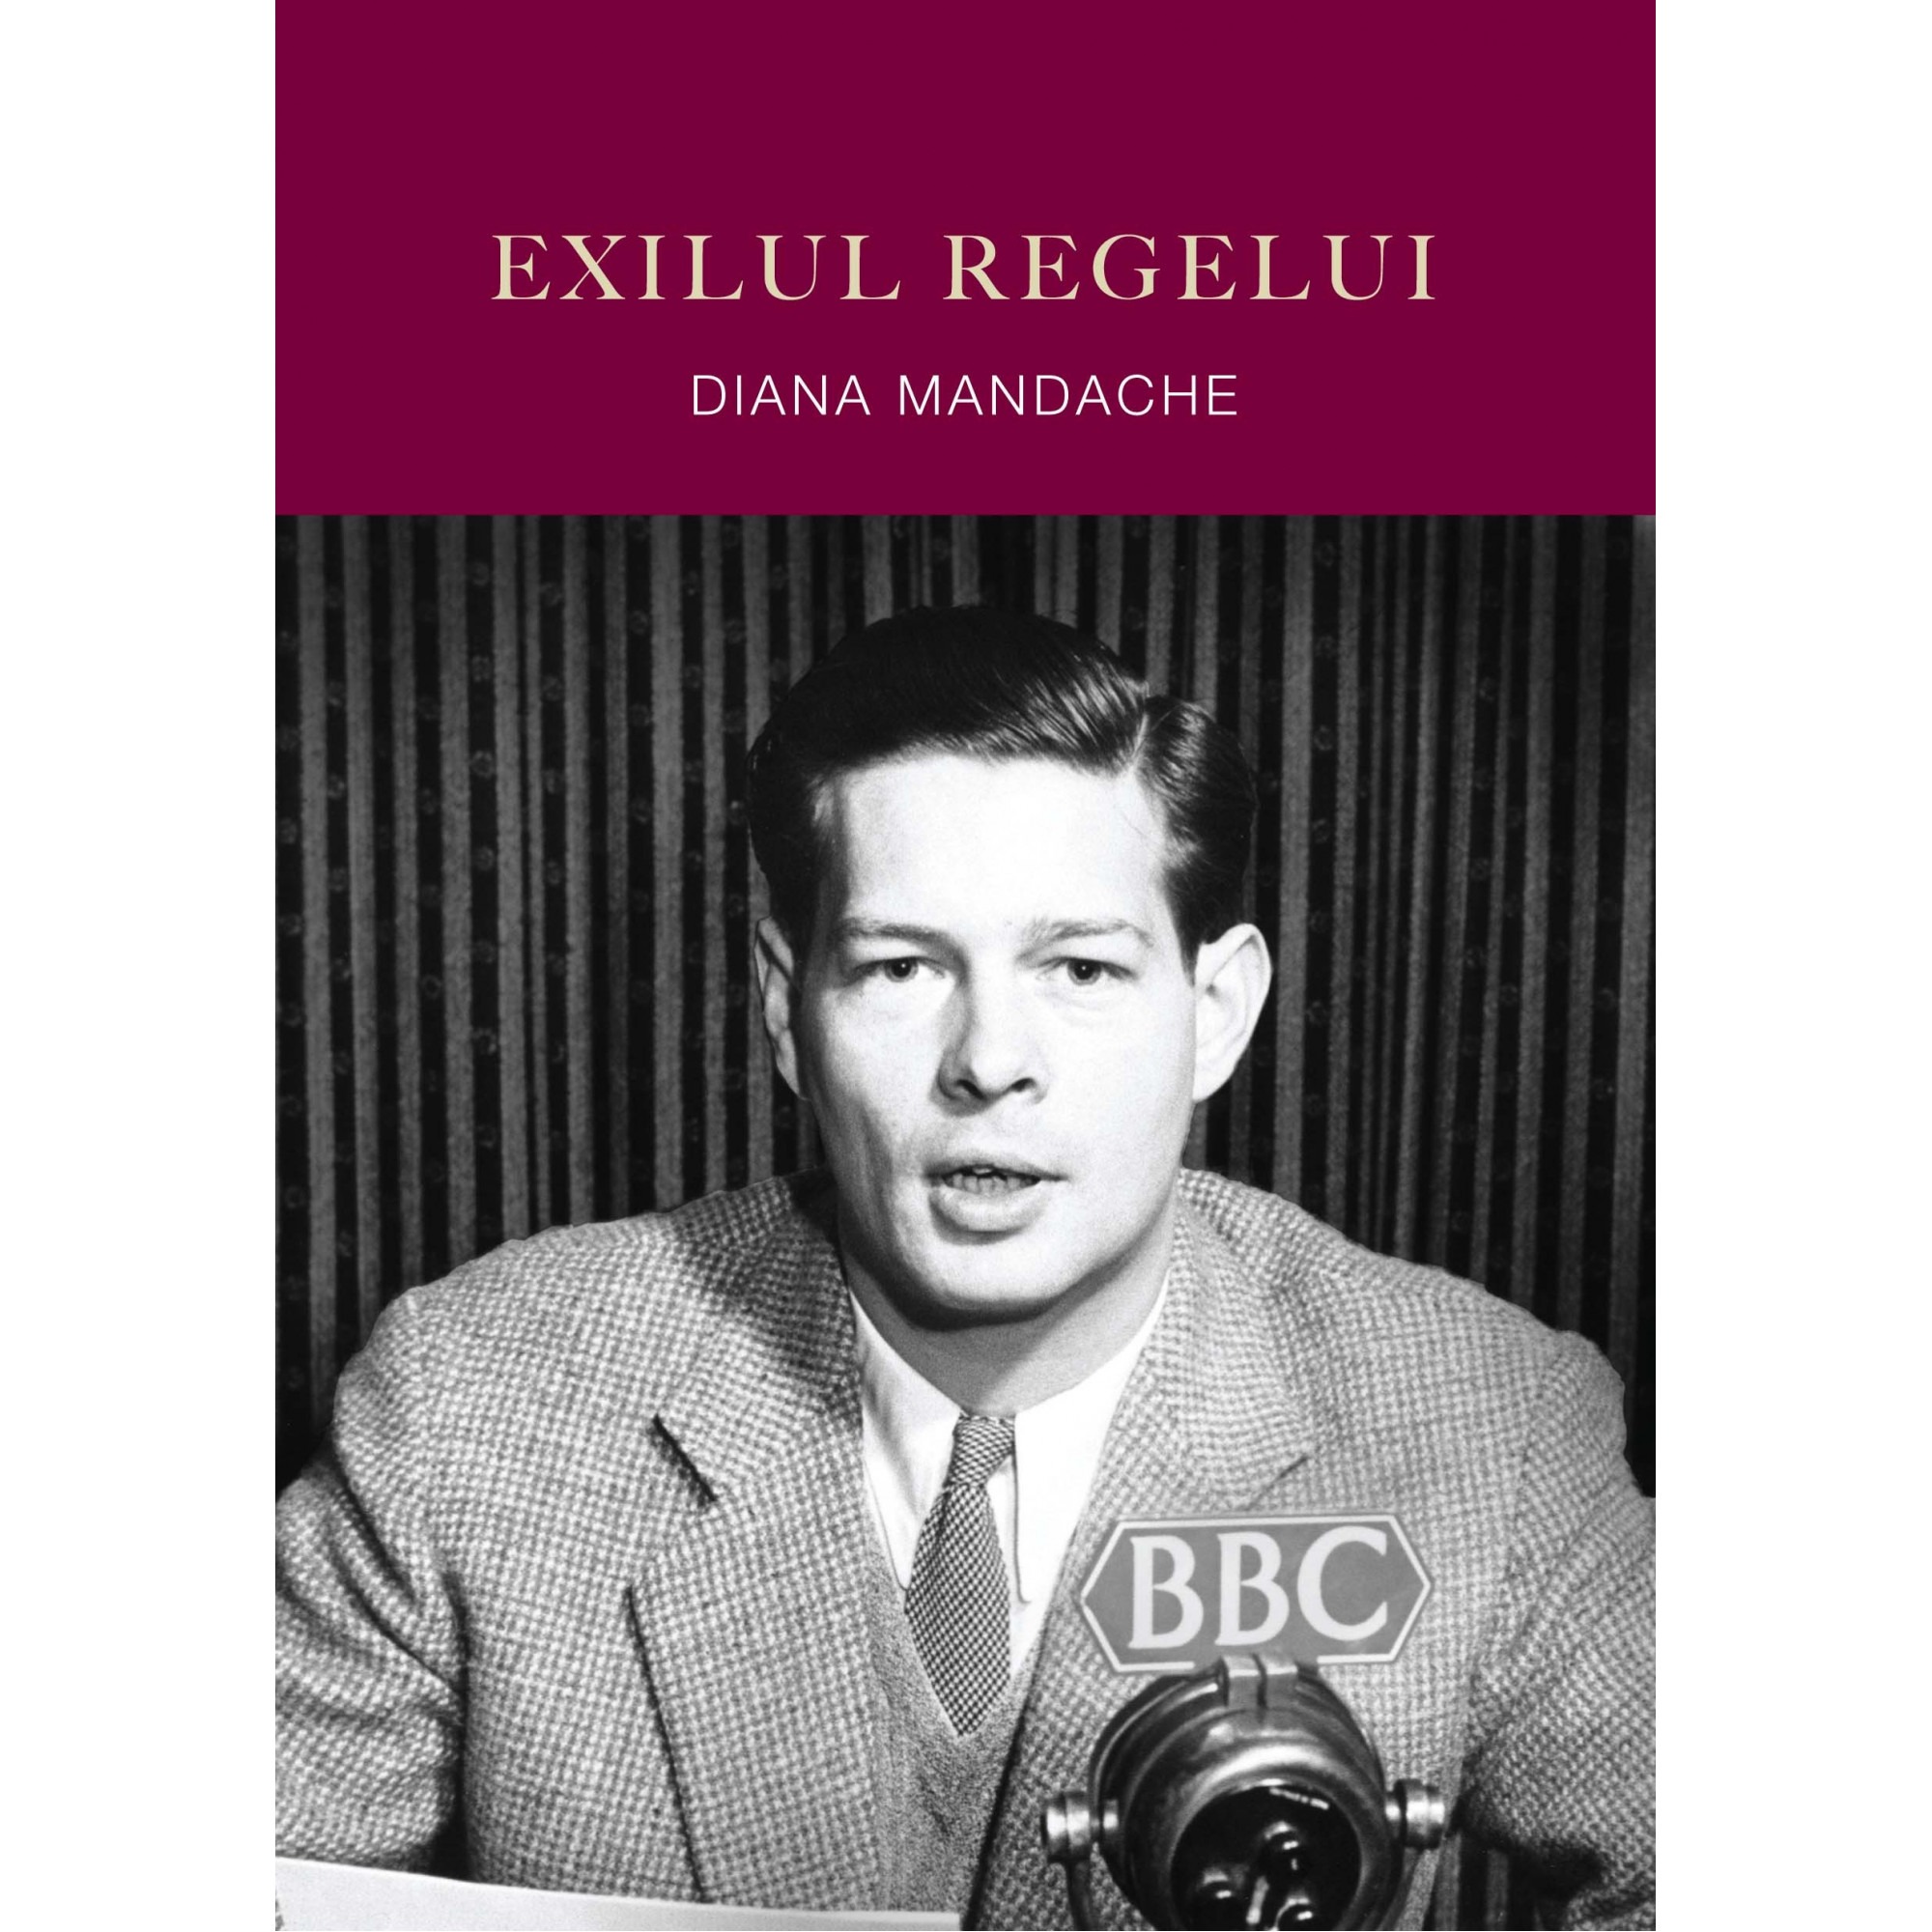 Exilul regelui; Diana Mandache